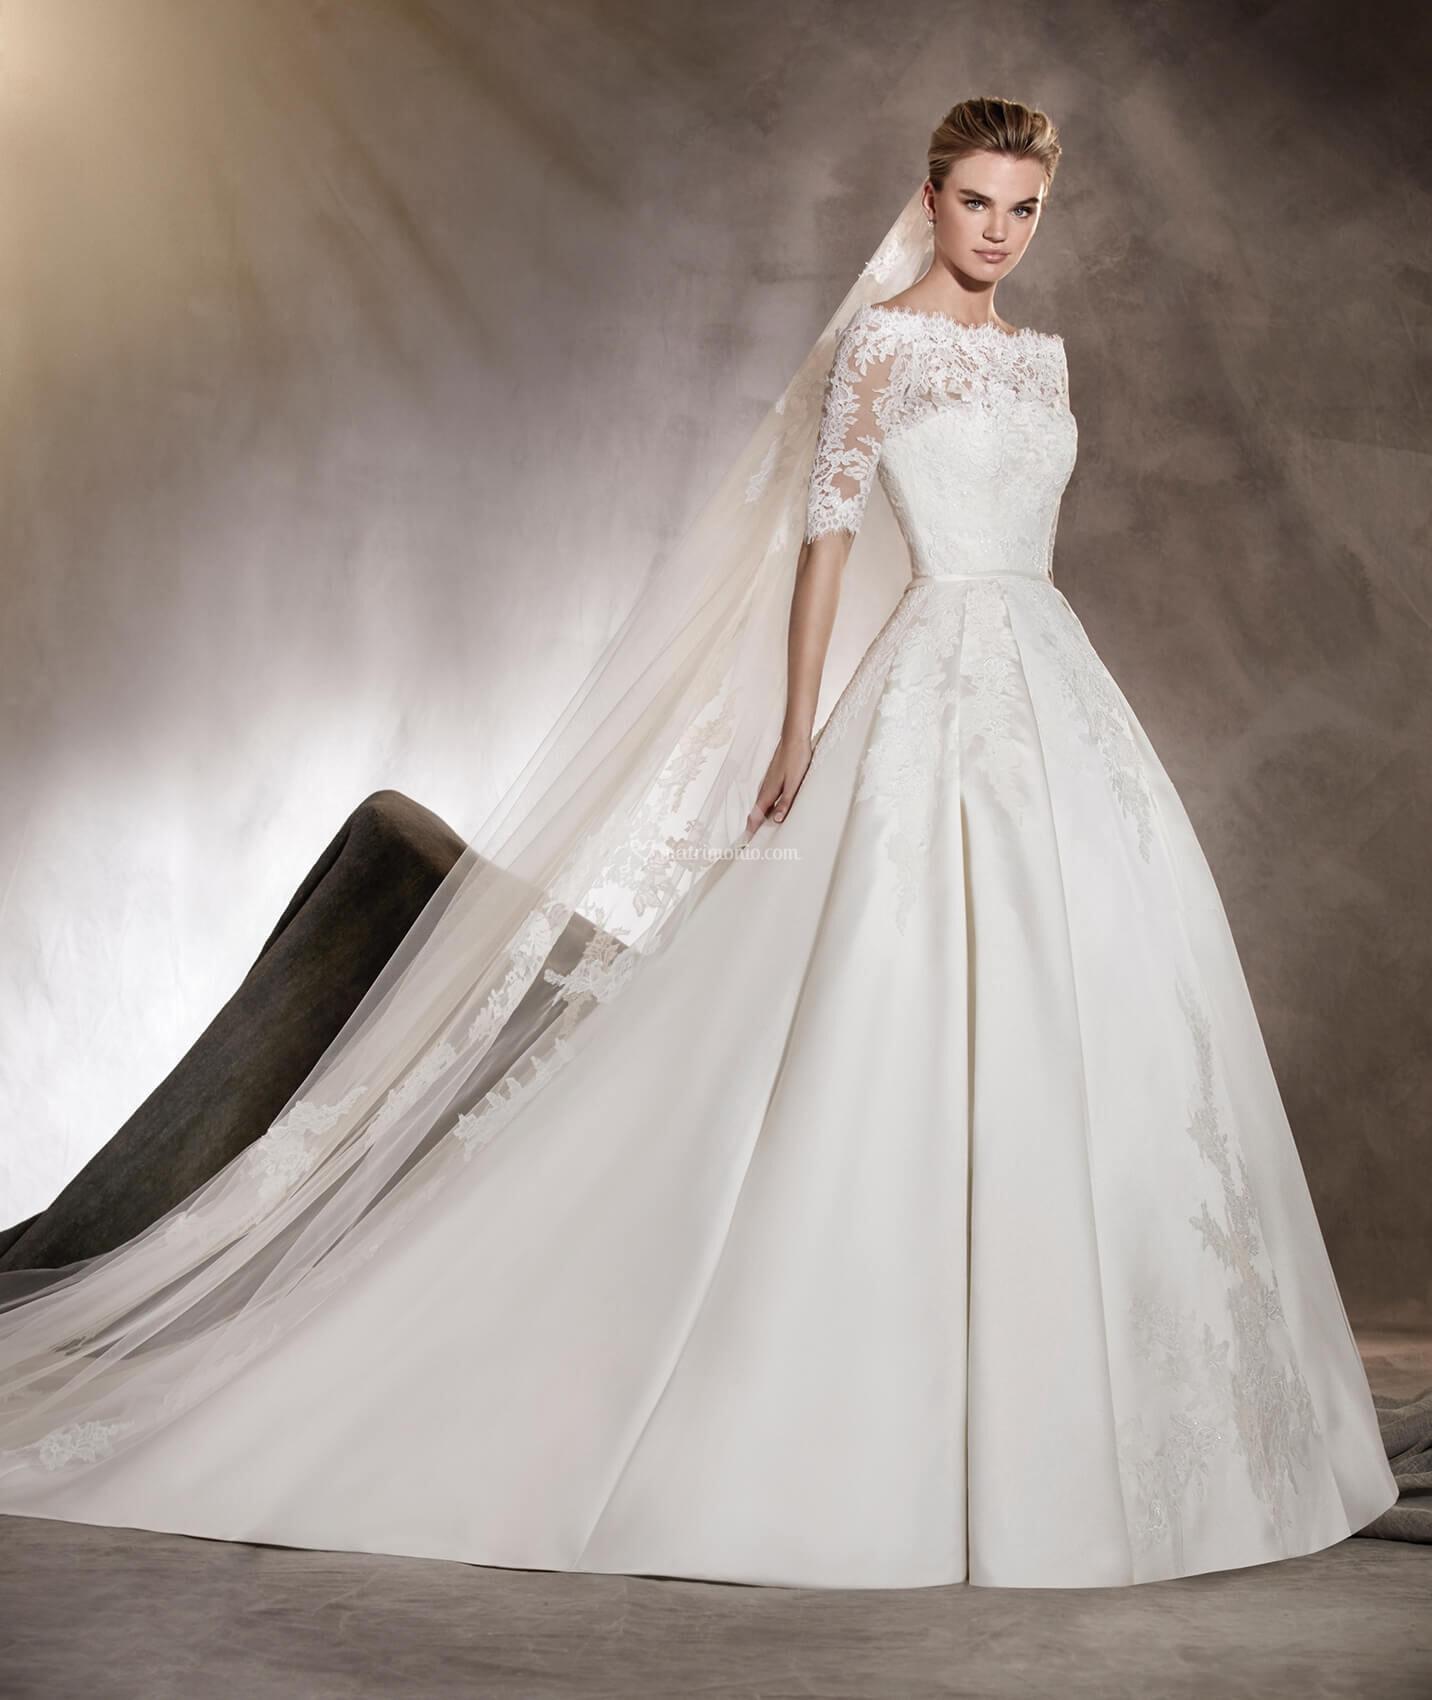 17a0bb355f8d Abiti da Sposa di Pronovias - ALBASARI - Matrimonio.com